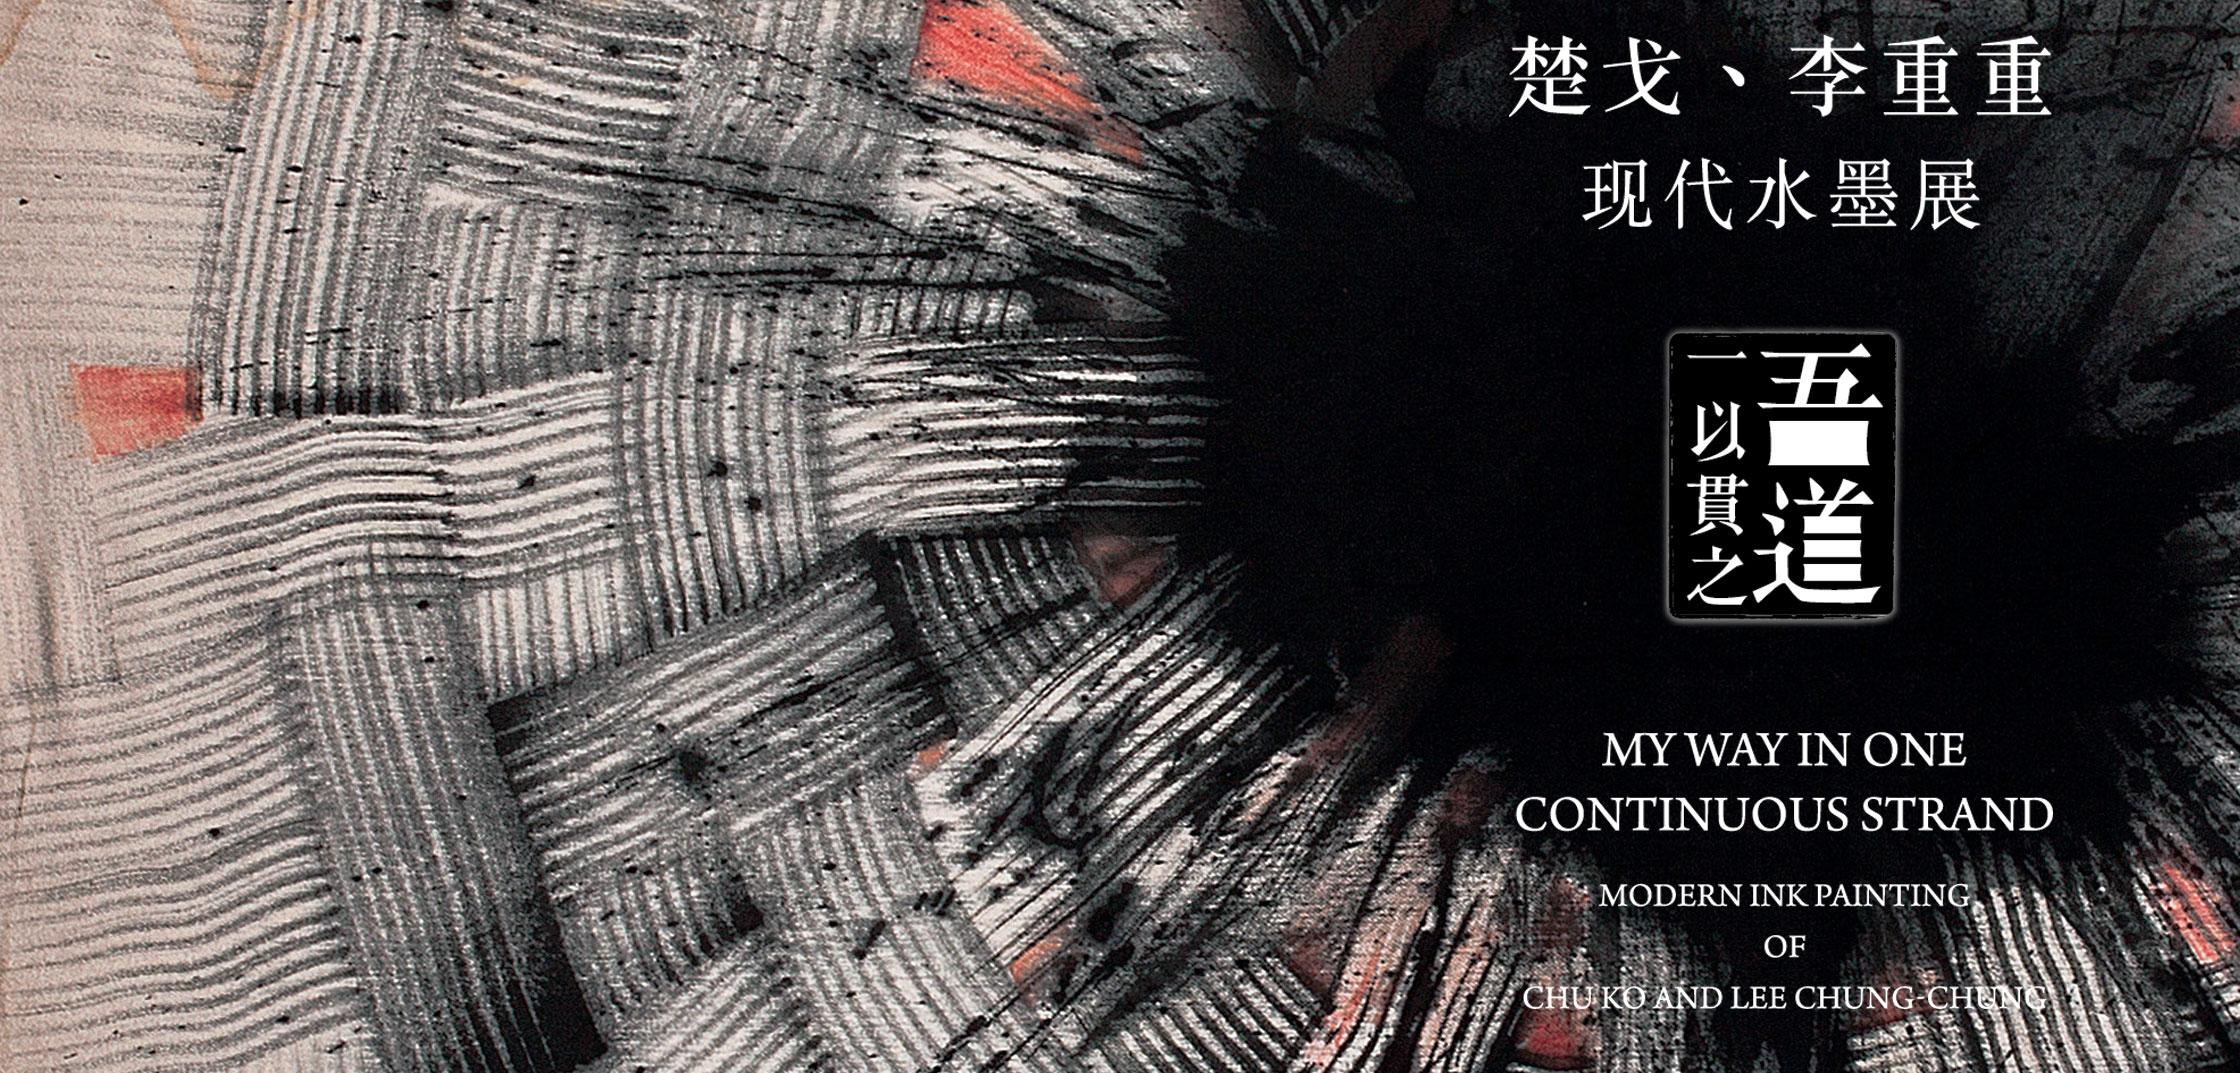 2016艺术北京 — 吾道一以贯之